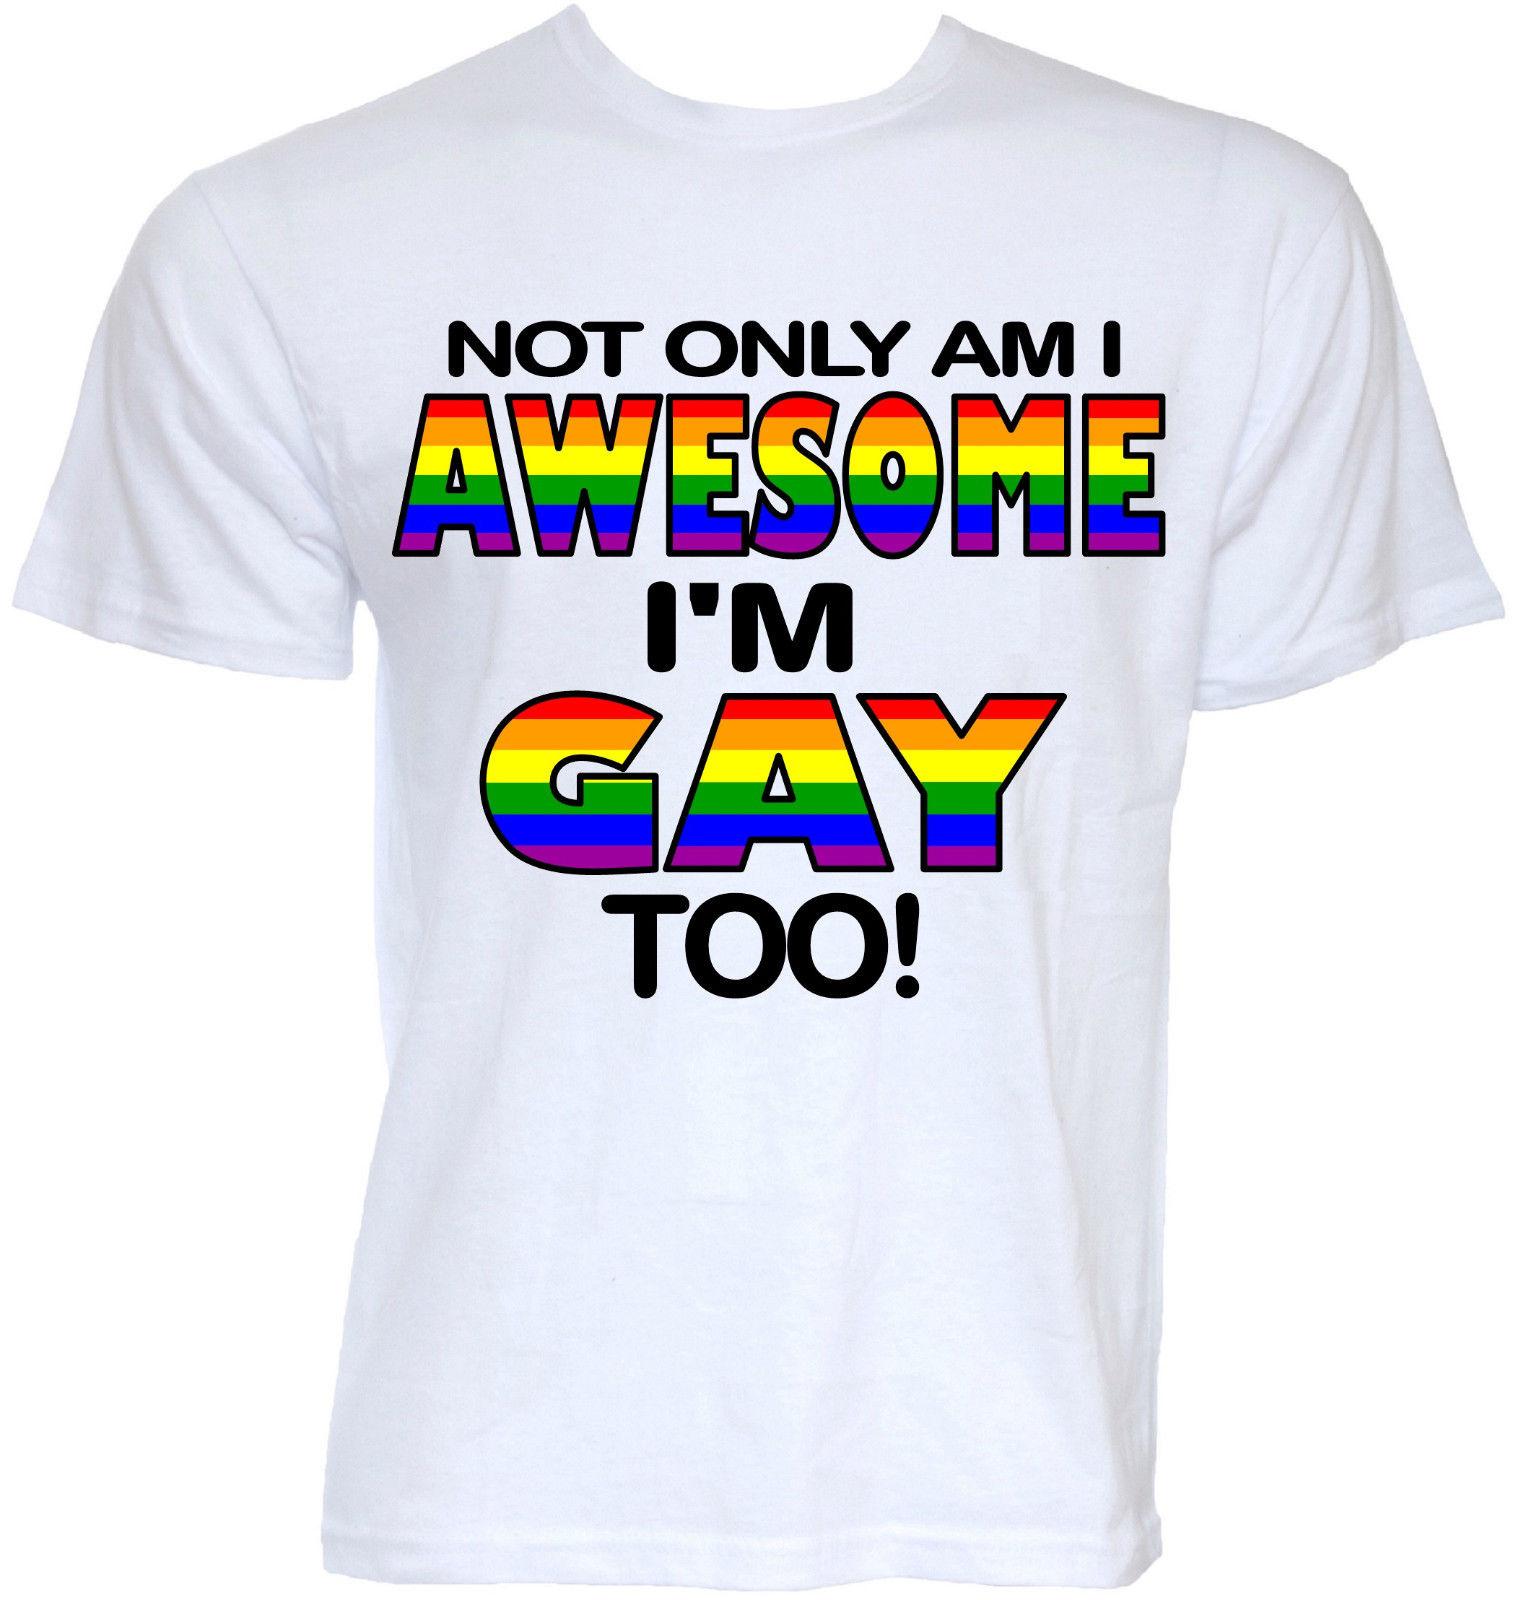 Gay slogan t shirts